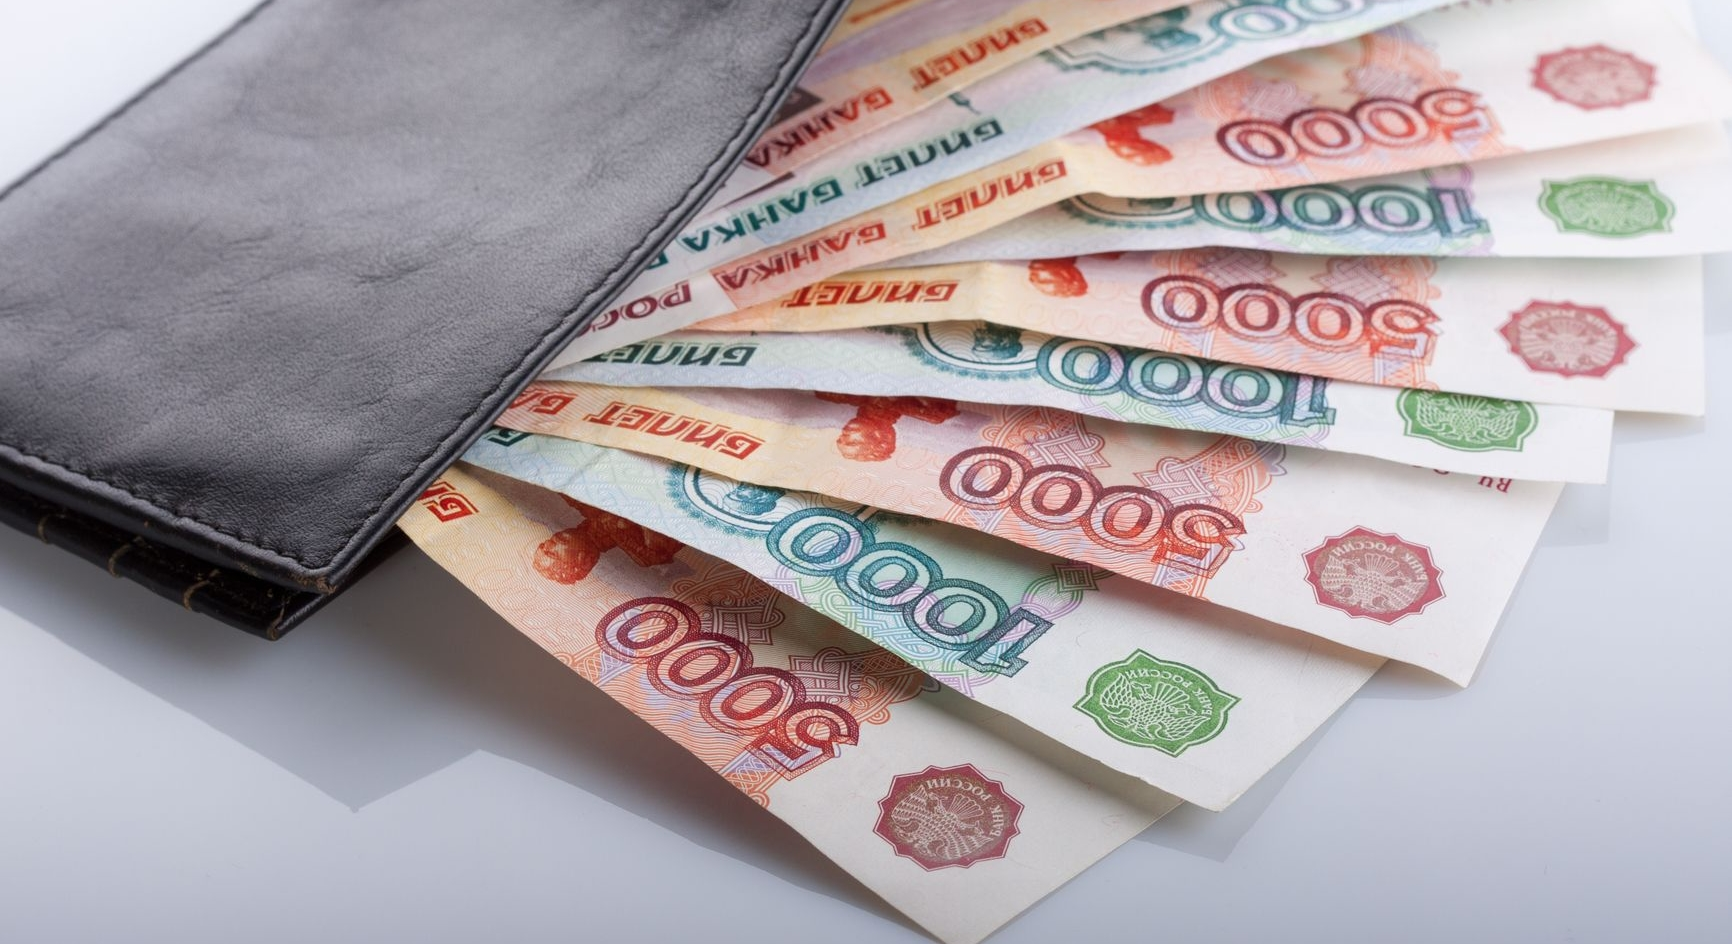 Некоторые банки предоставляют физическим лицам кредит наличными по двум документам